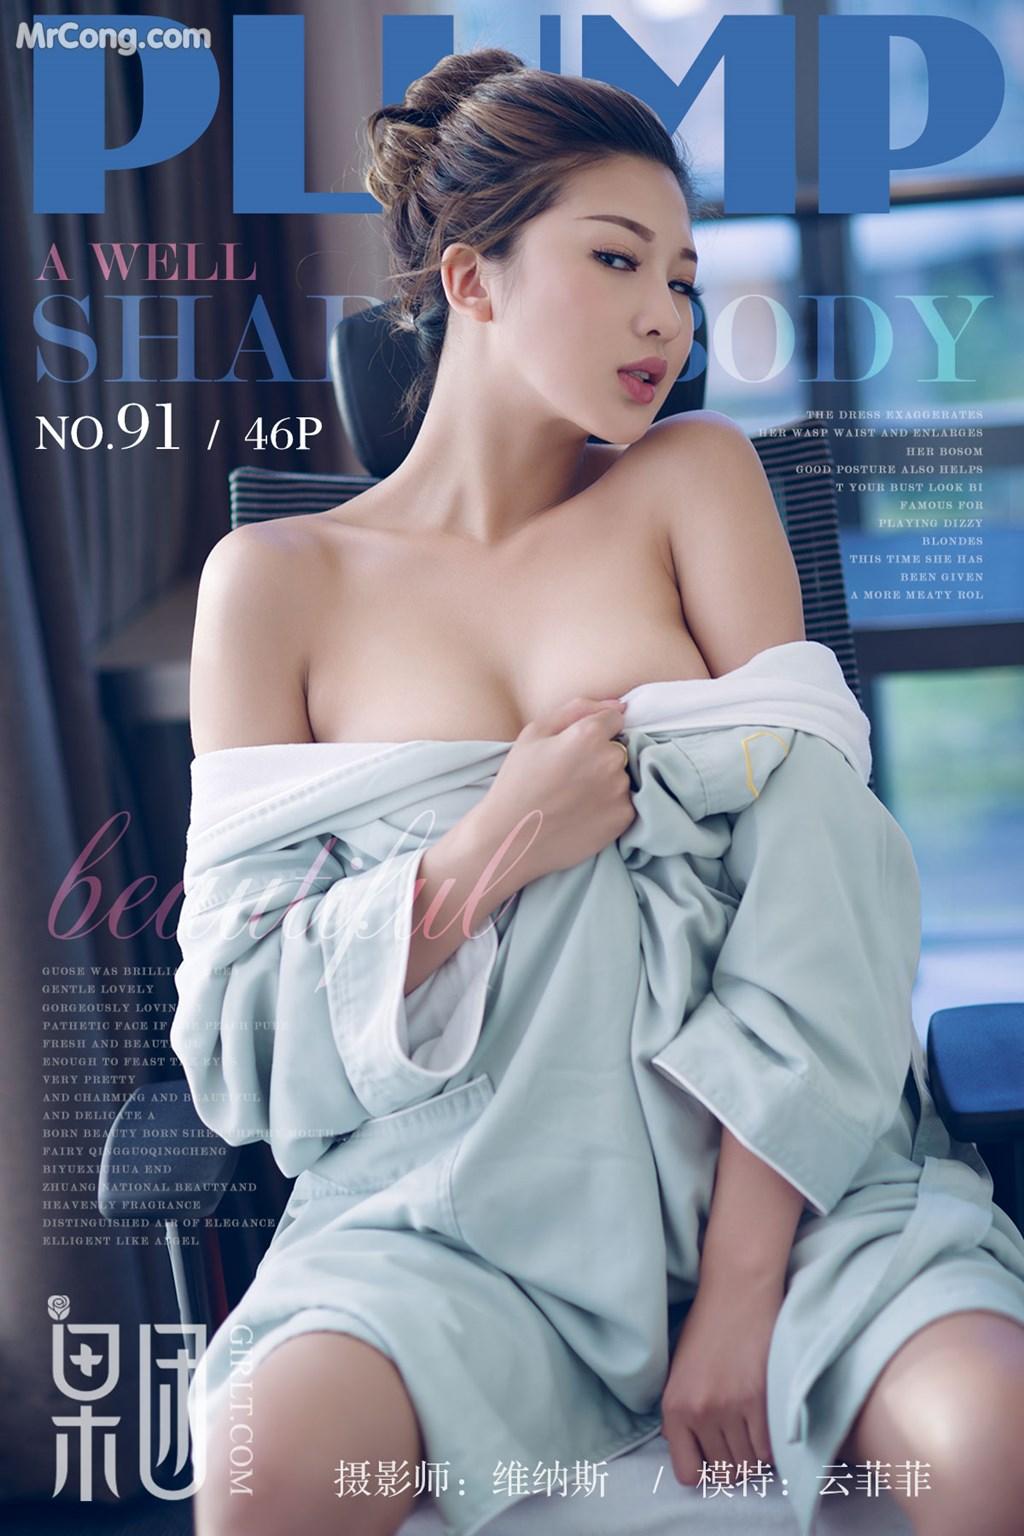 GIRLT No.091: Người mẫu Yun Fei Fei (云菲菲) (45 ảnh)